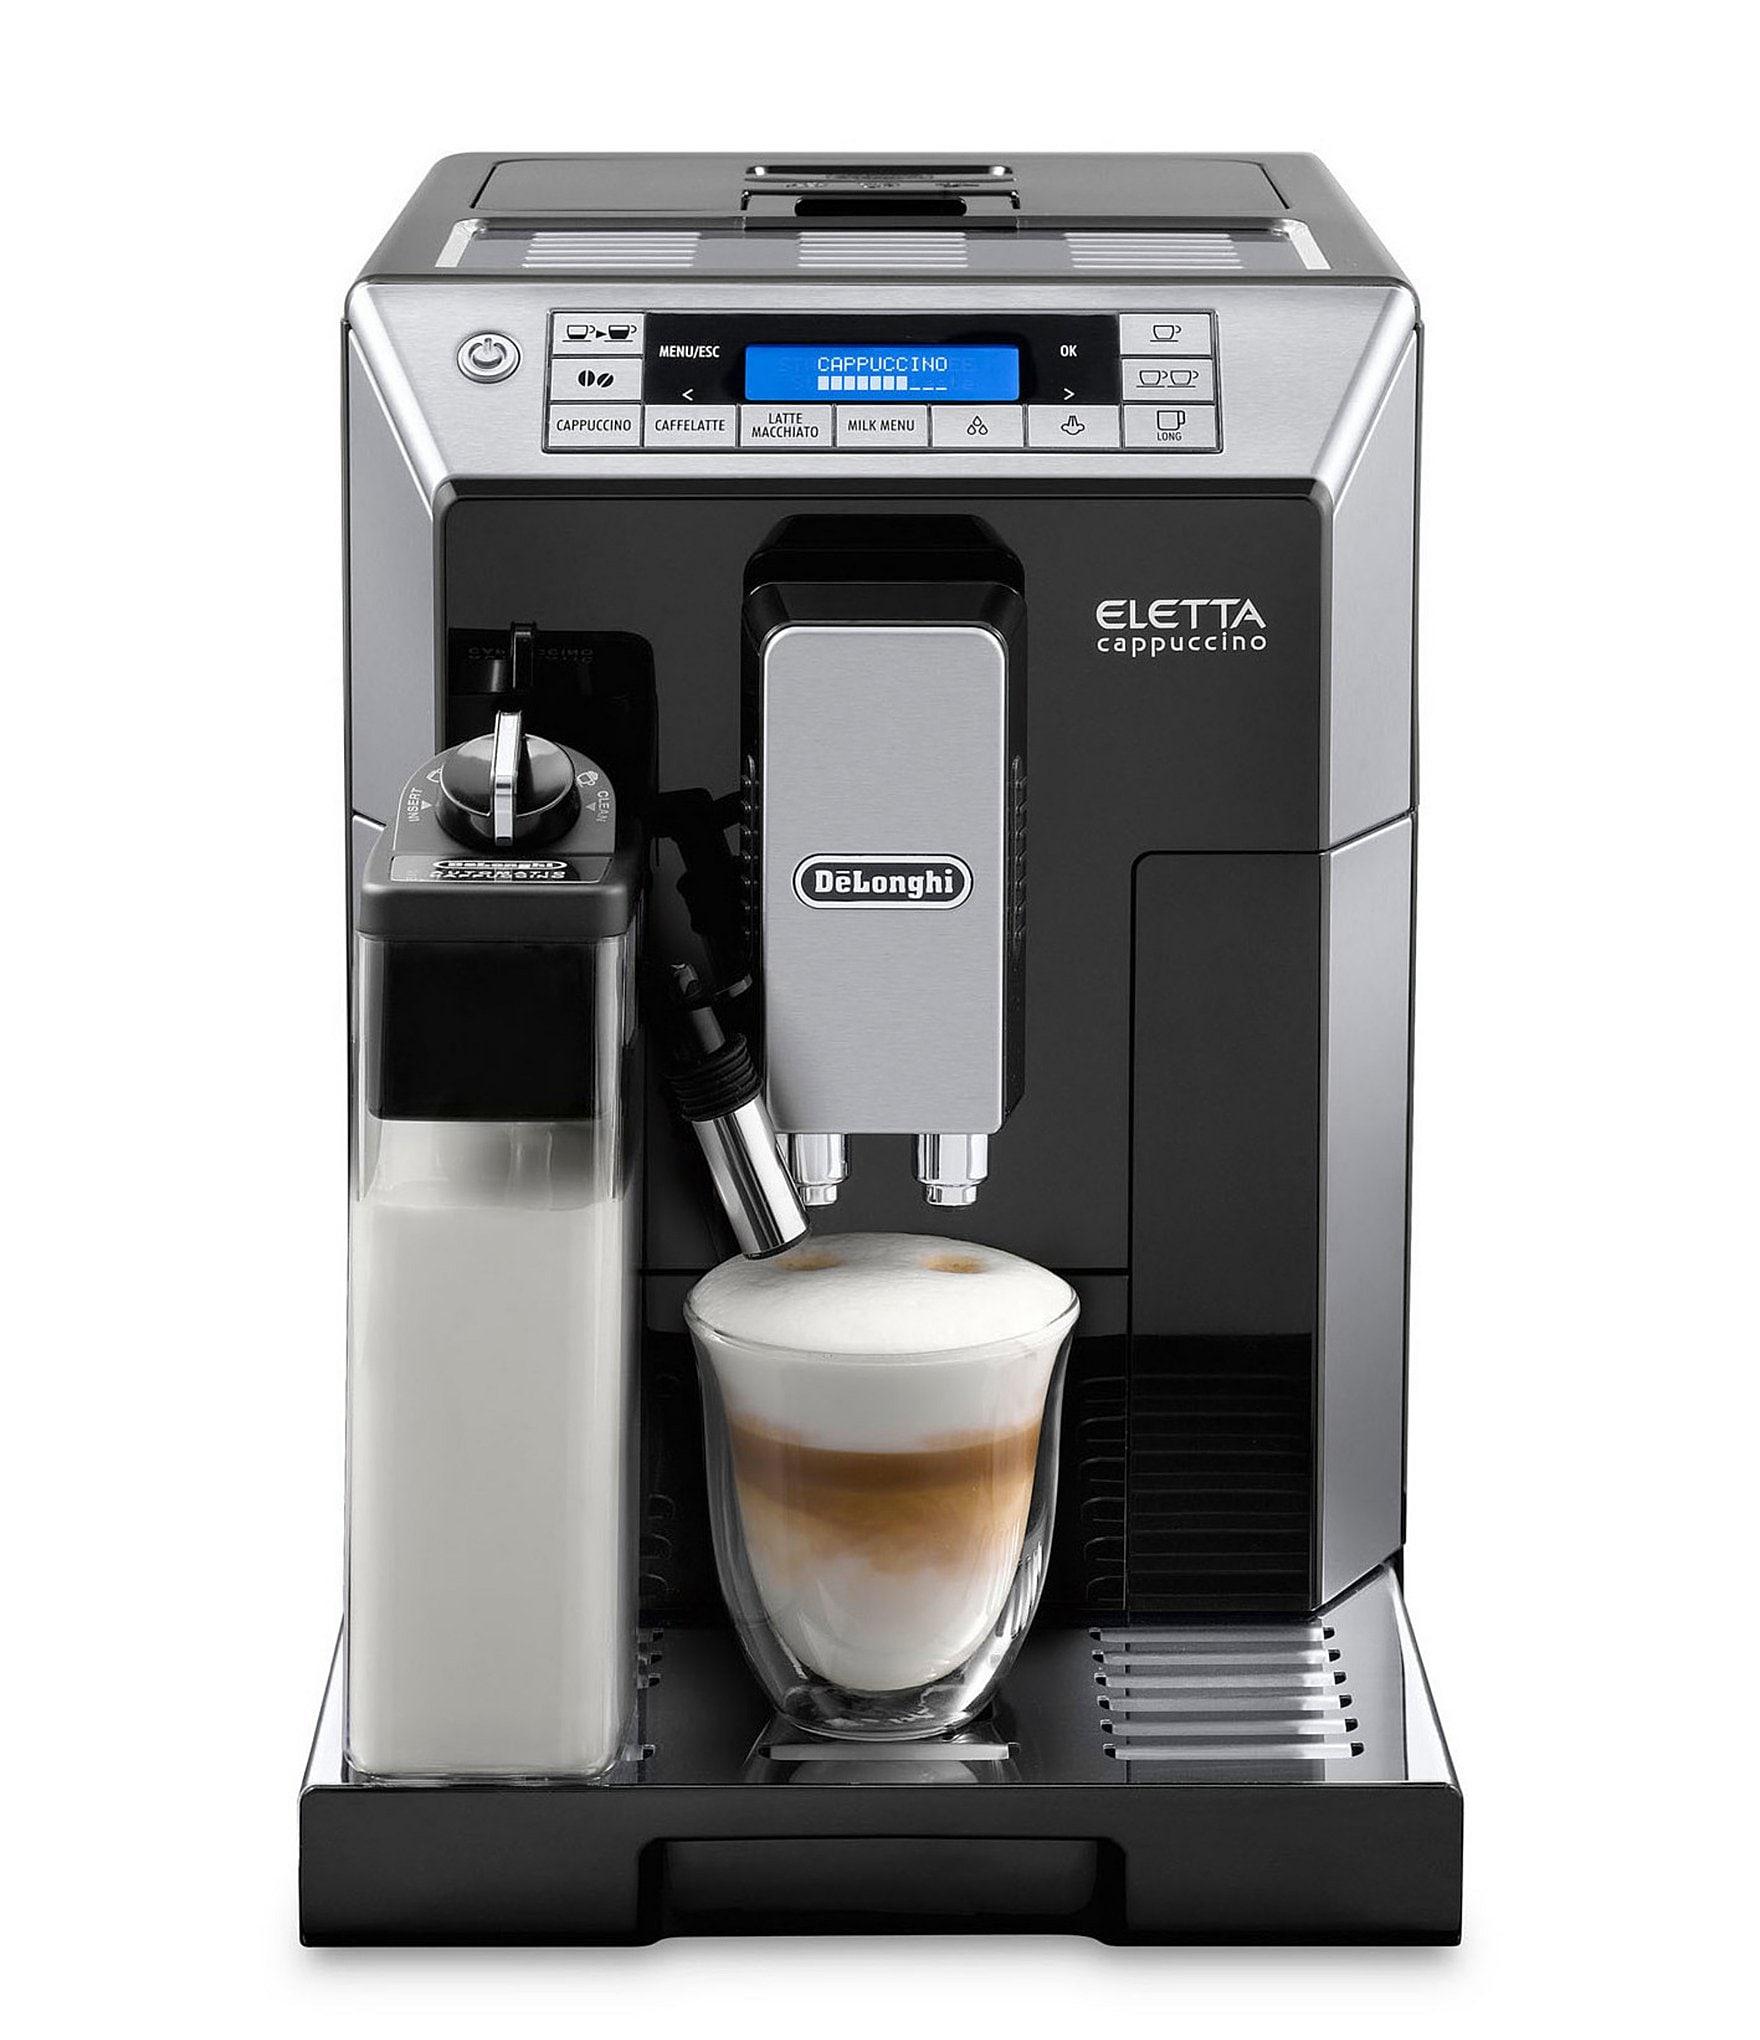 DeLonghi Eletta Automatic Espresso Machine with Latte Crema System